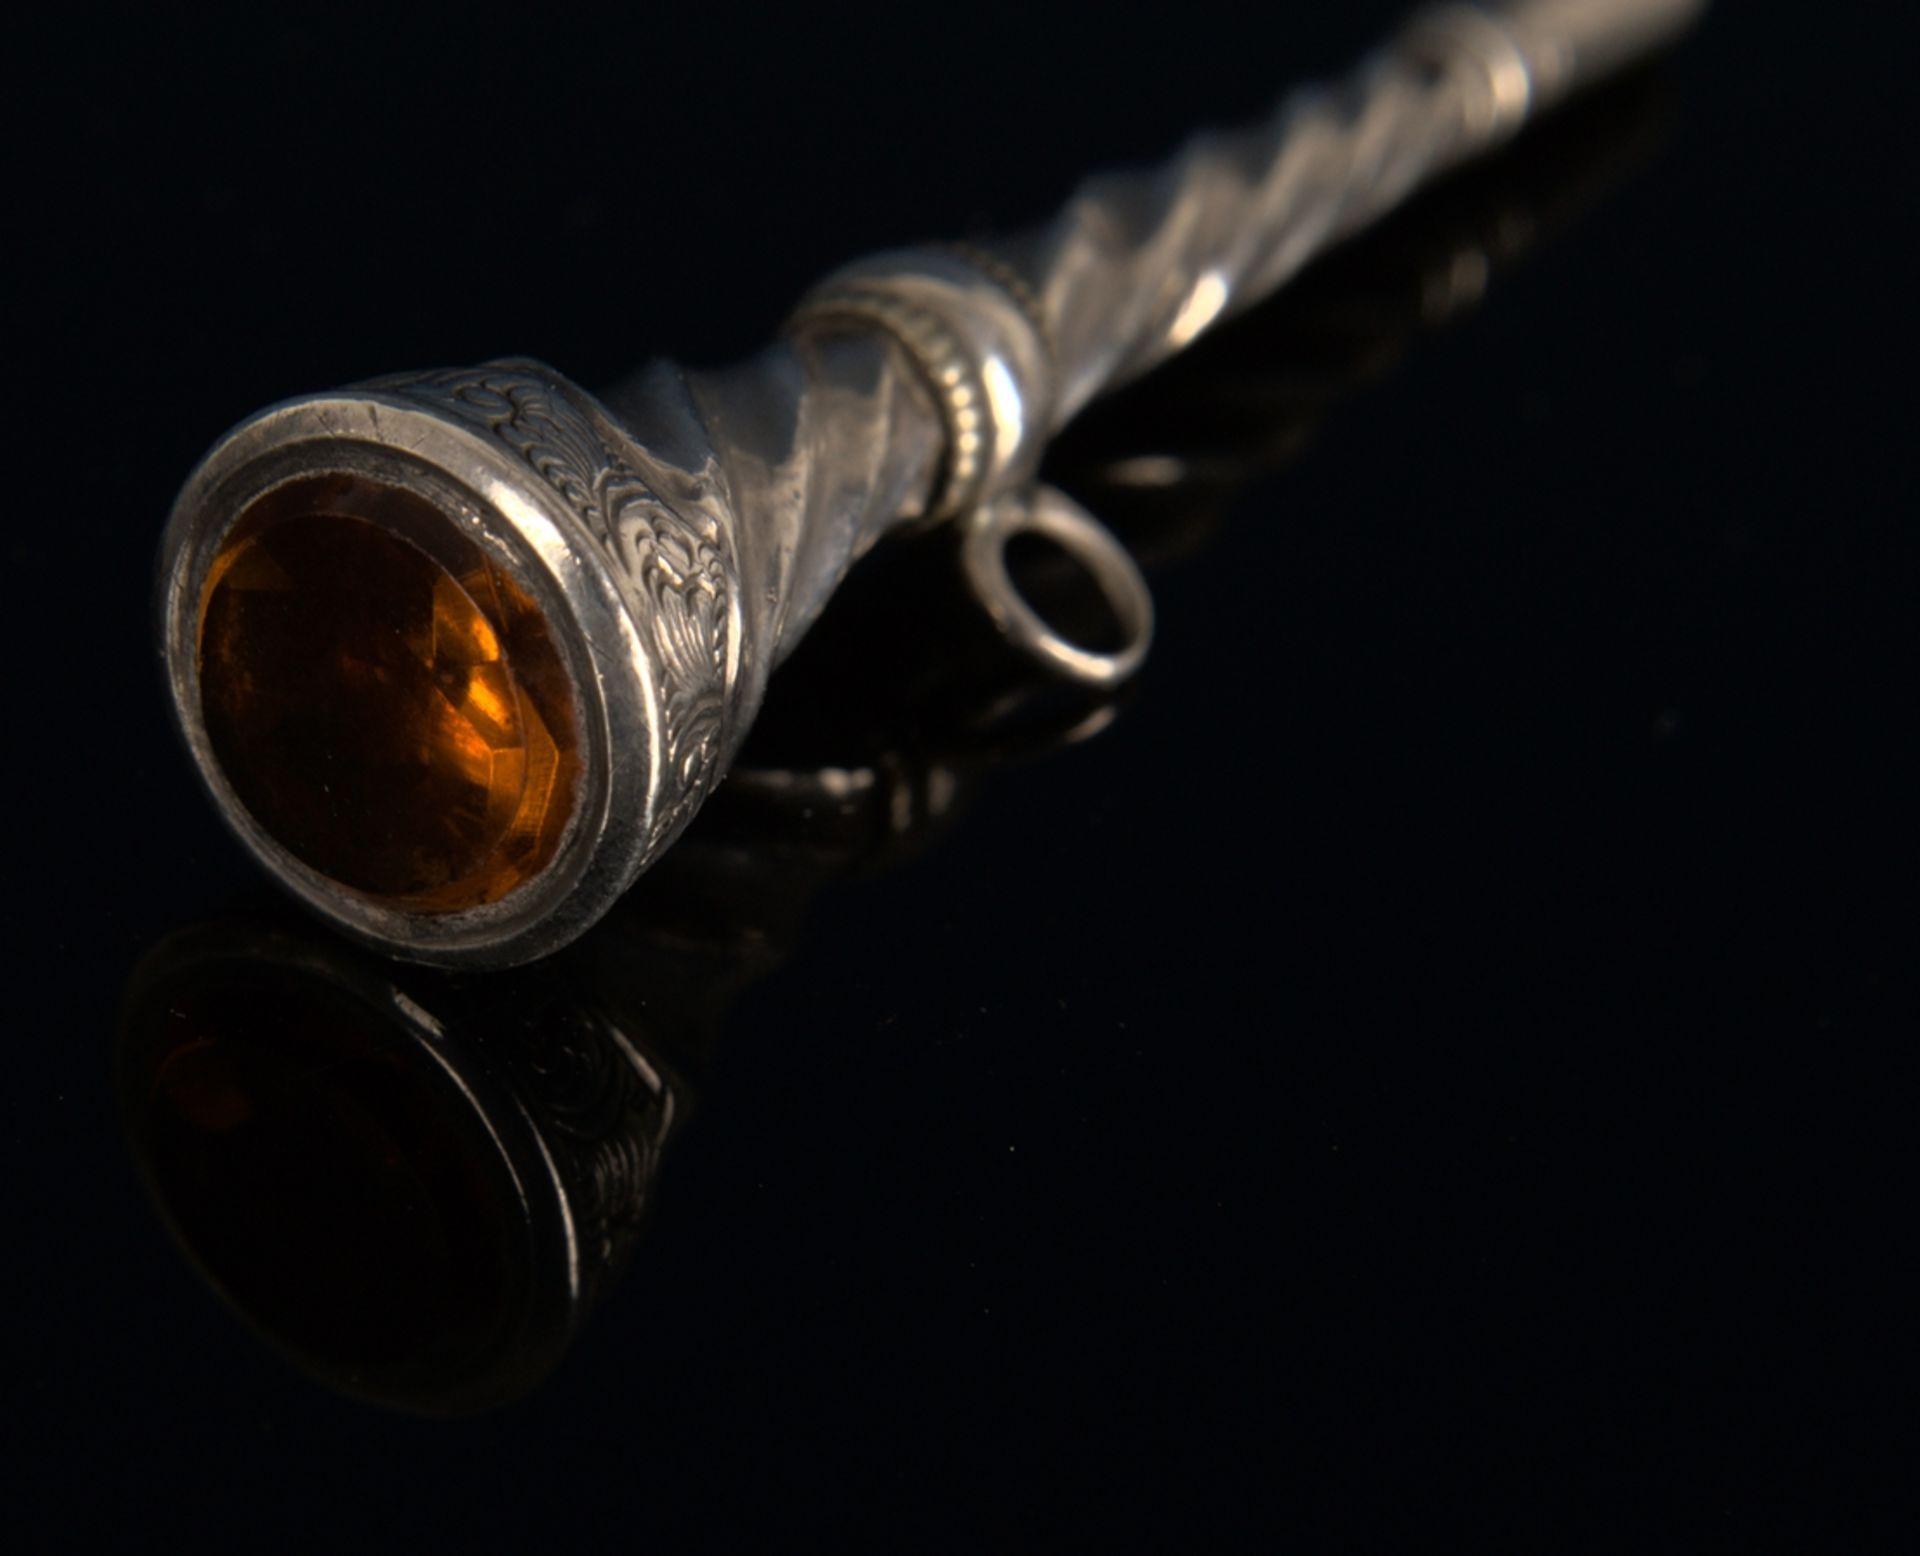 8teilige Sammlung versch. Taschenuhrenschlüssel, überwiegend 19. Jhd. Versch. Alter, Größen, - Bild 13 aus 24